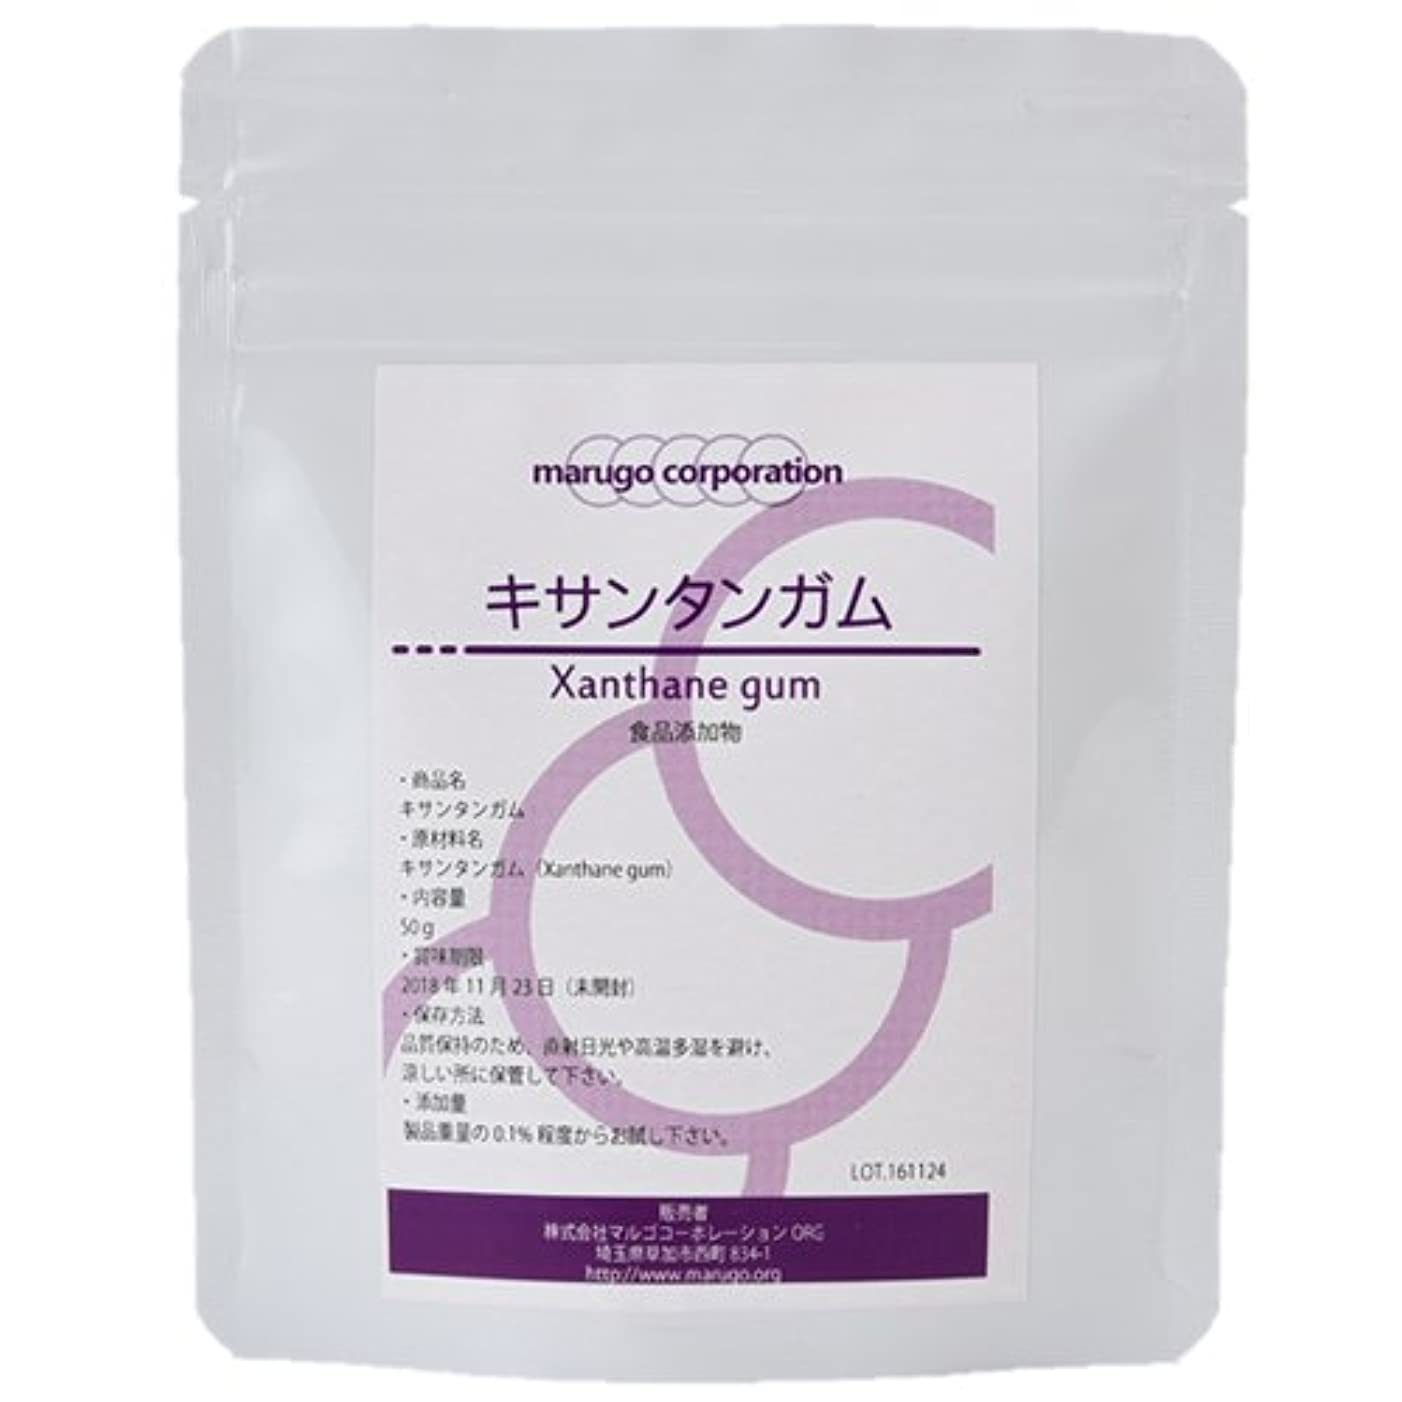 チップ圧縮応じるmarugo ( マルゴ ) キサンタンガム 粉末 増粘多糖類 ( 50g / 国産 ) 手作り化粧品 食用 食品添加物 パウダー